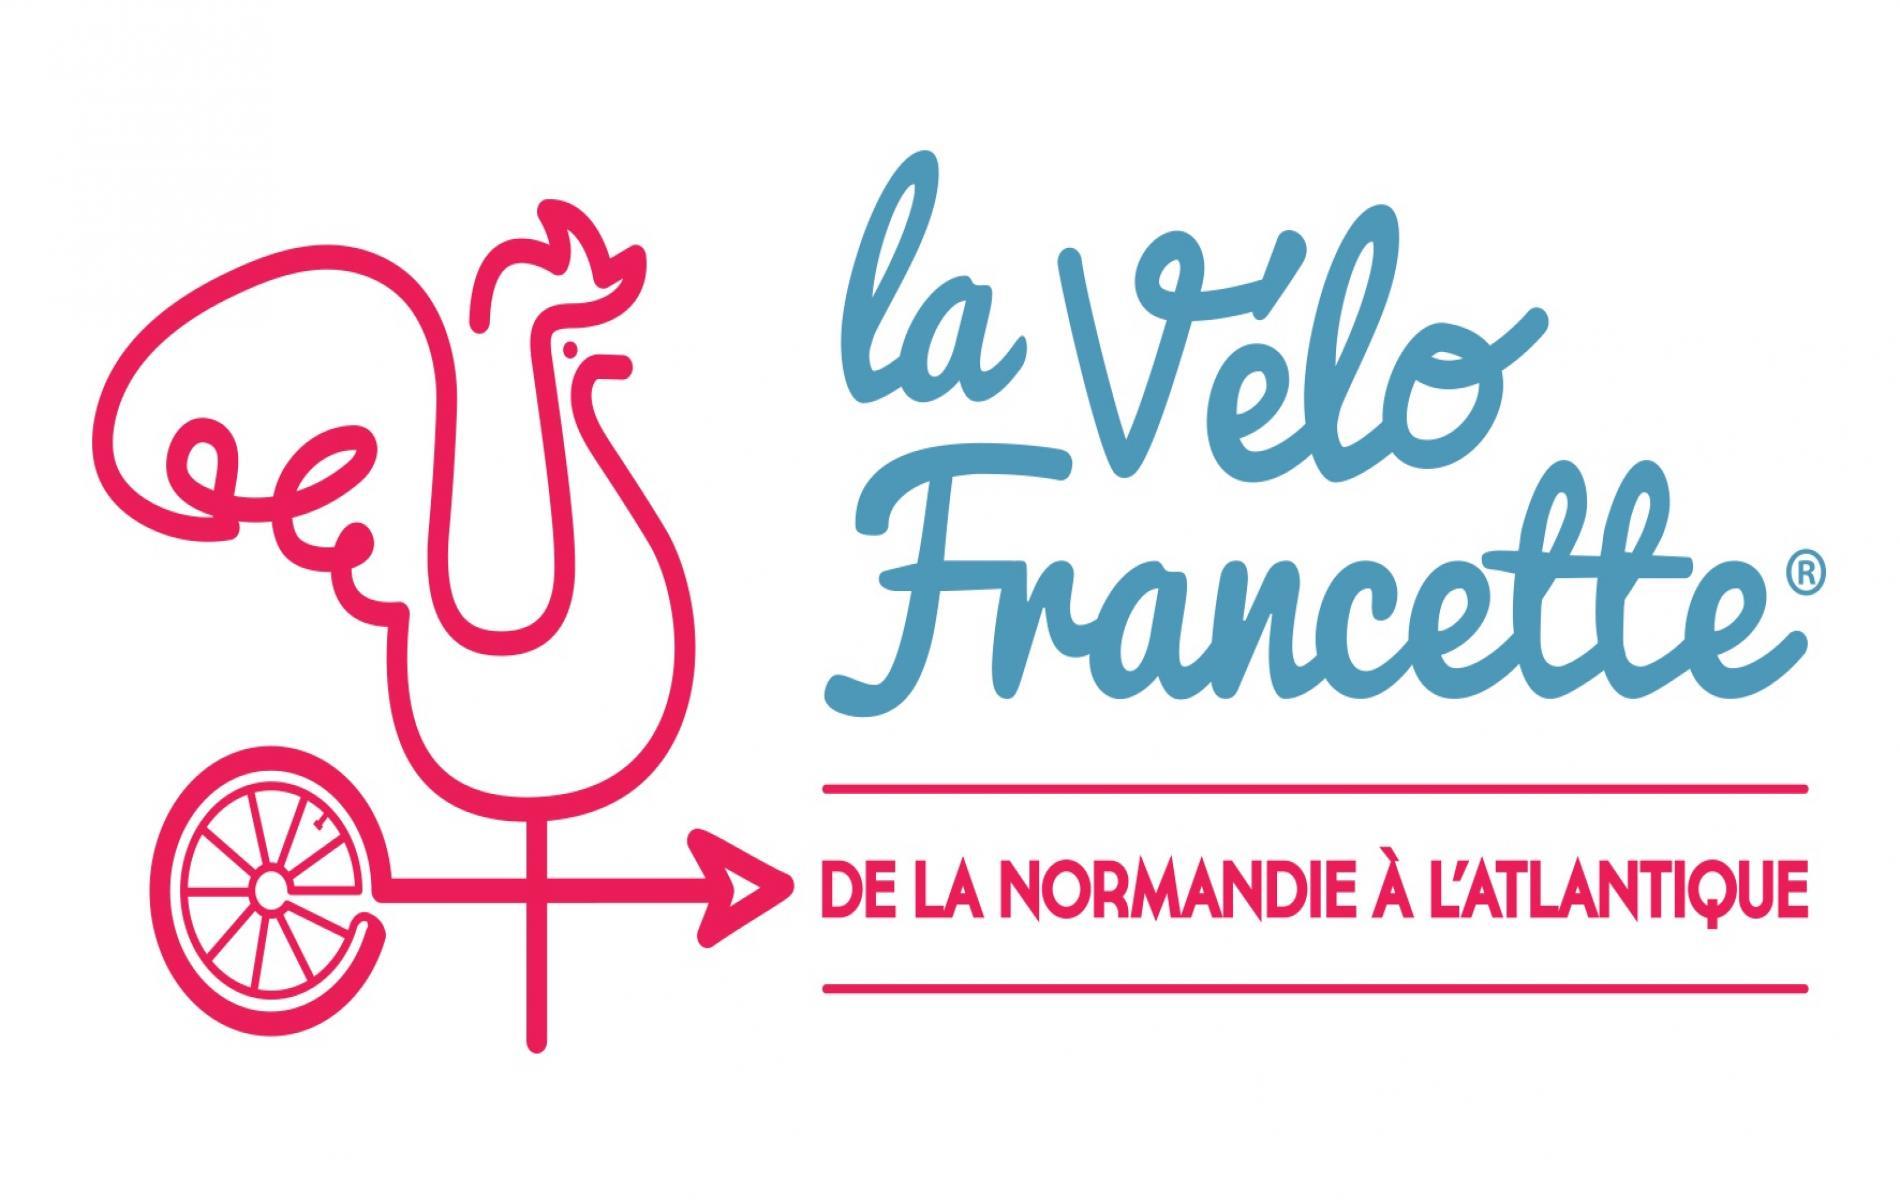 La velo Francette